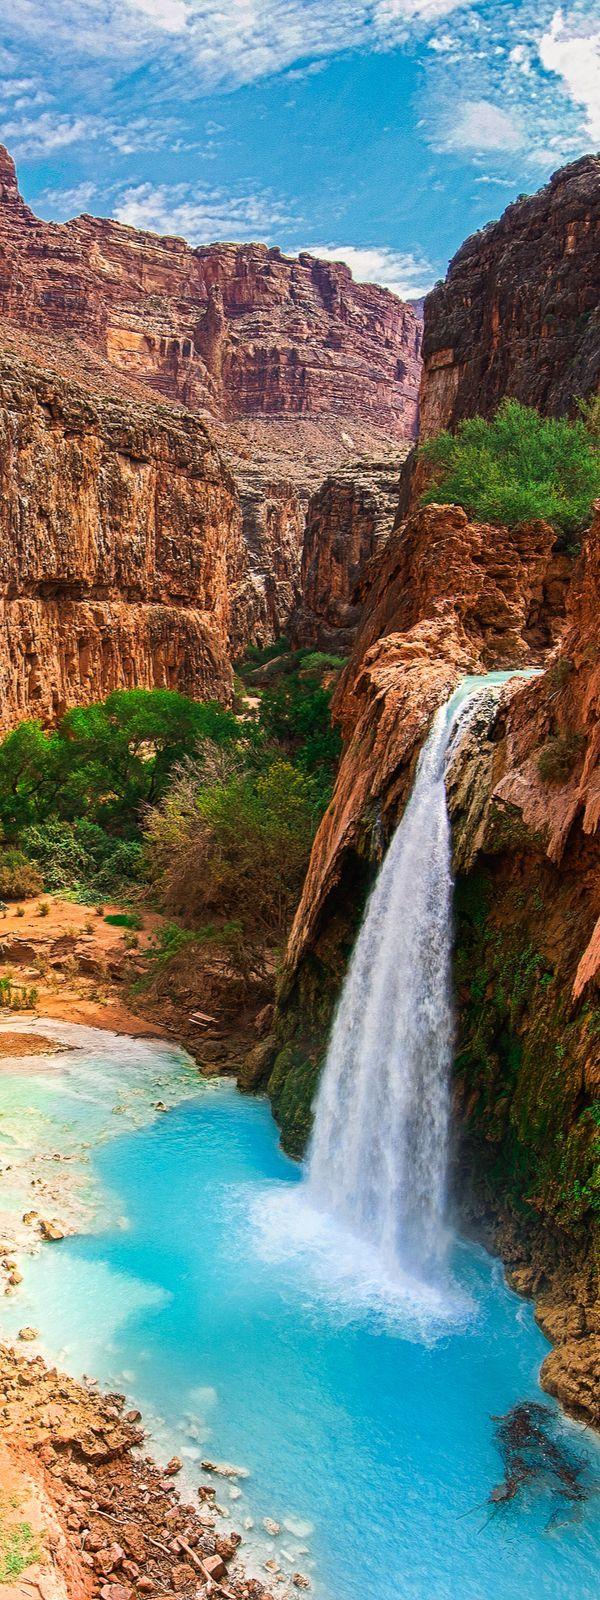 15 atemberaubende Orte, die Sie sehen müssen, bevor Sie sterben